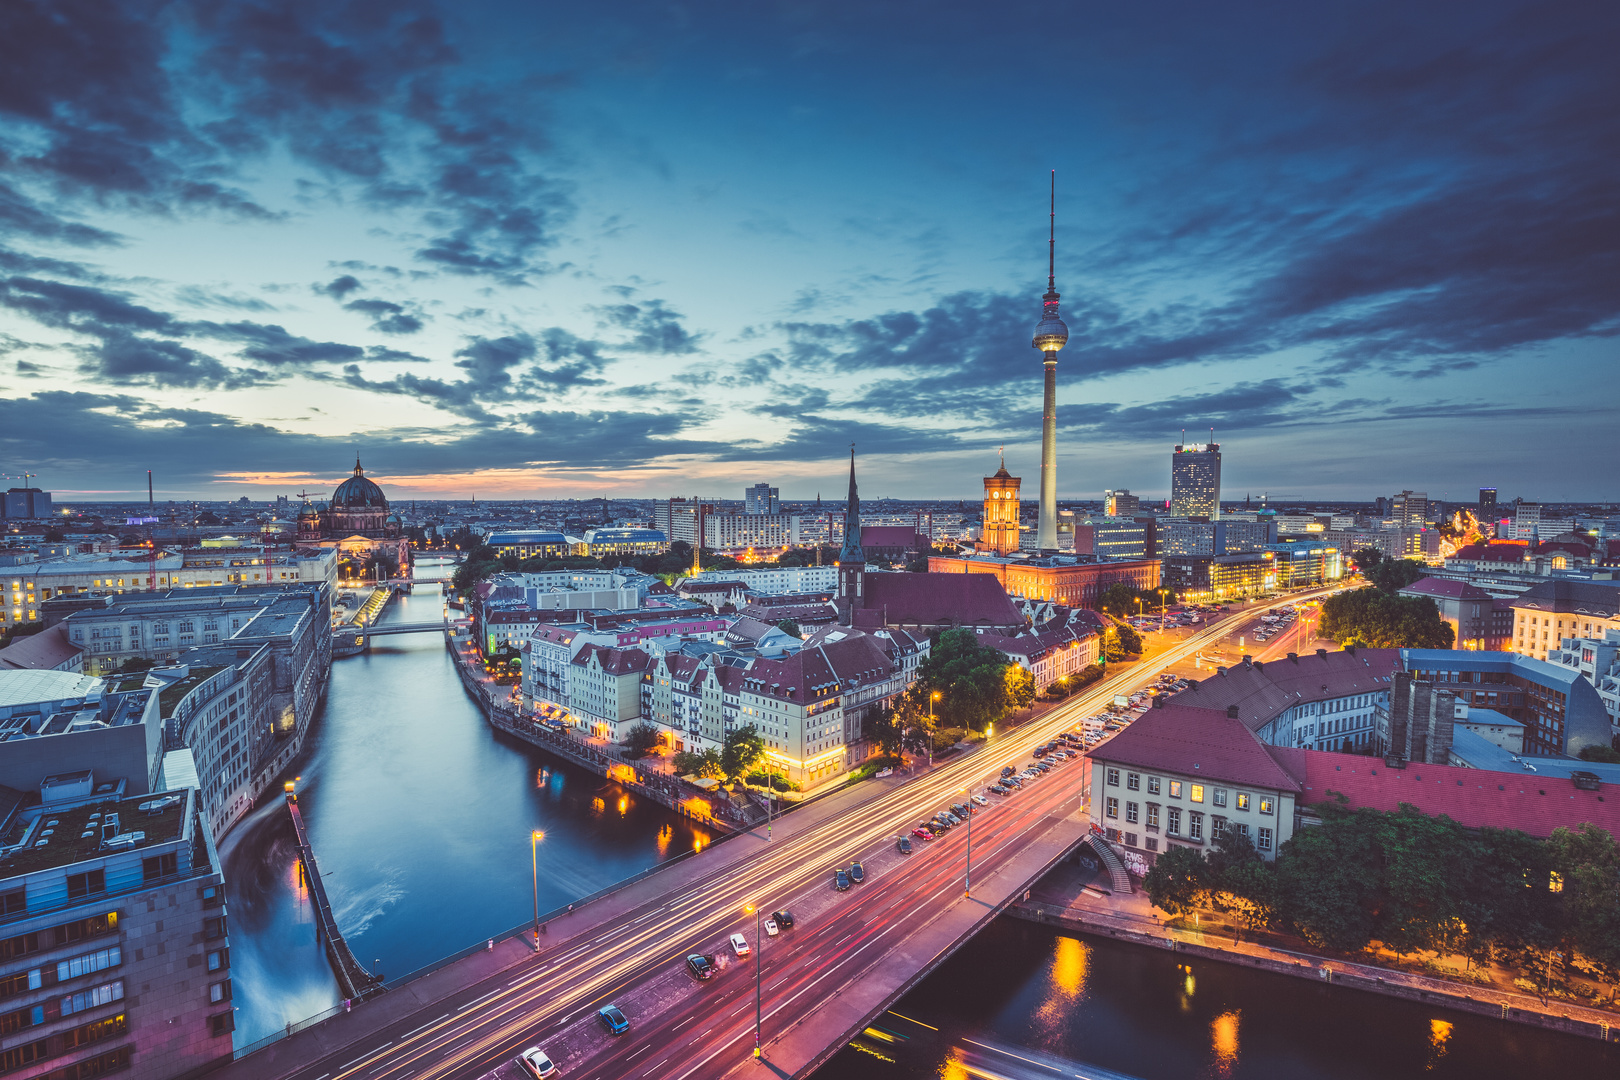 Fototapeta Berlín, letecký pohled na město, soumrak, osvětlení akcenty